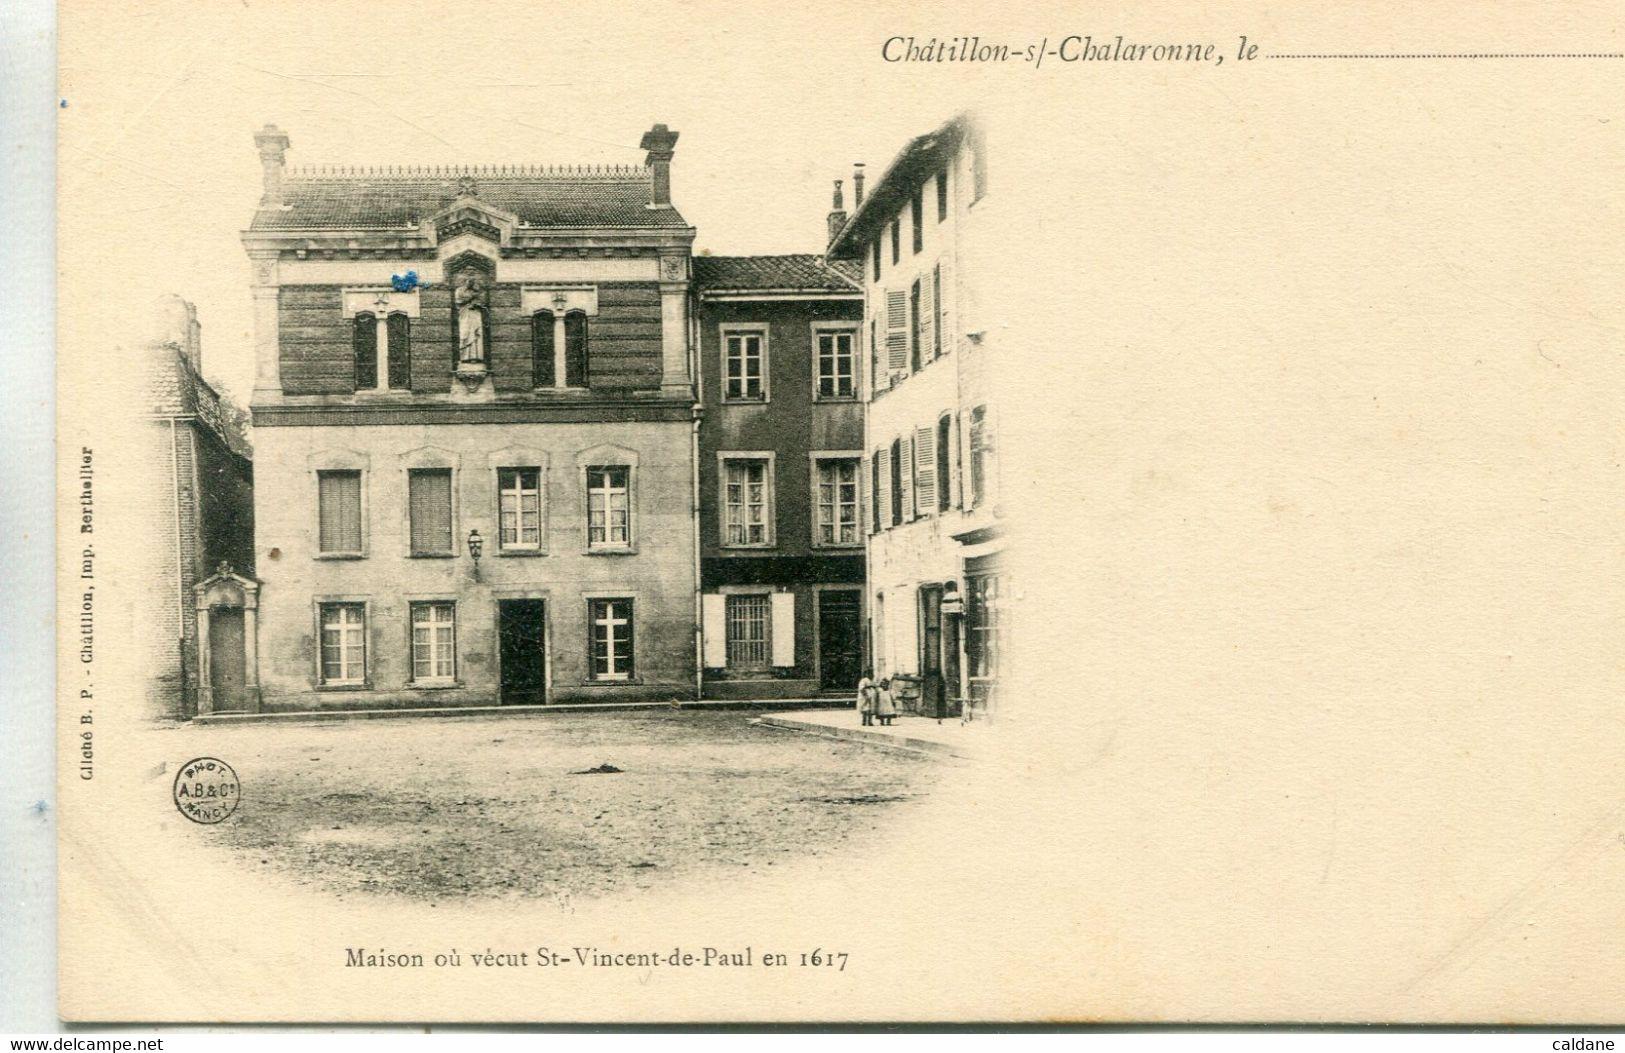 -01-AIN- CHATILLON-sur-CHALARONNE -  Maison Ou Vecut St-Vincent-de-Paul - Châtillon-sur-Chalaronne